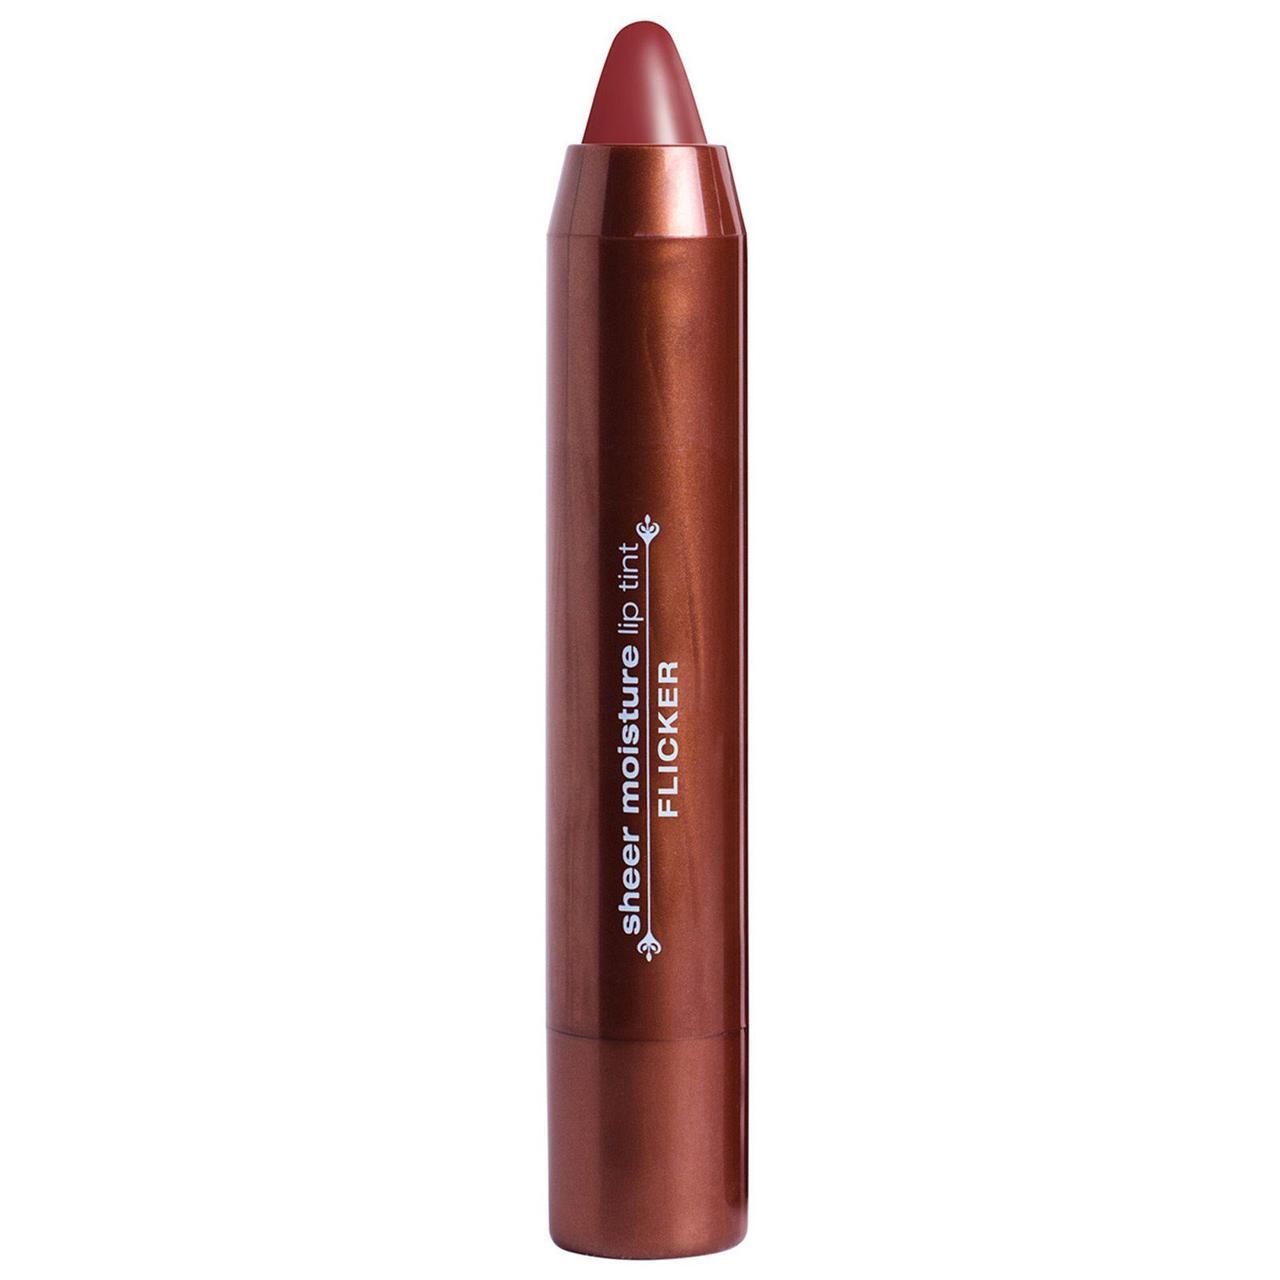 Тинт для губ, Lip Tint, Mineral Fusion, 3 г